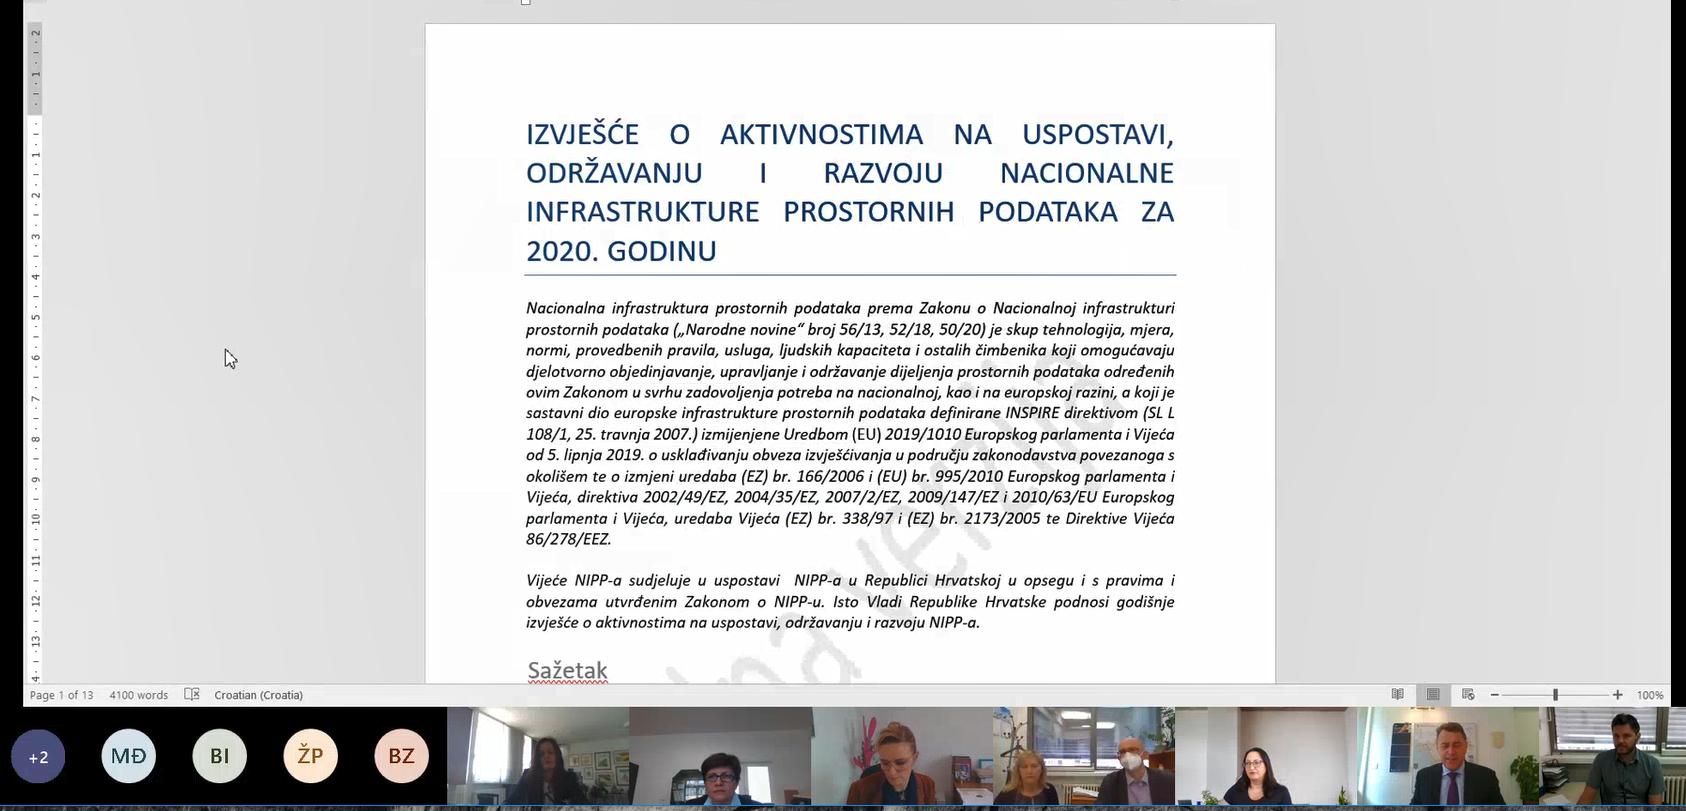 Slika prikazuje Izvješće